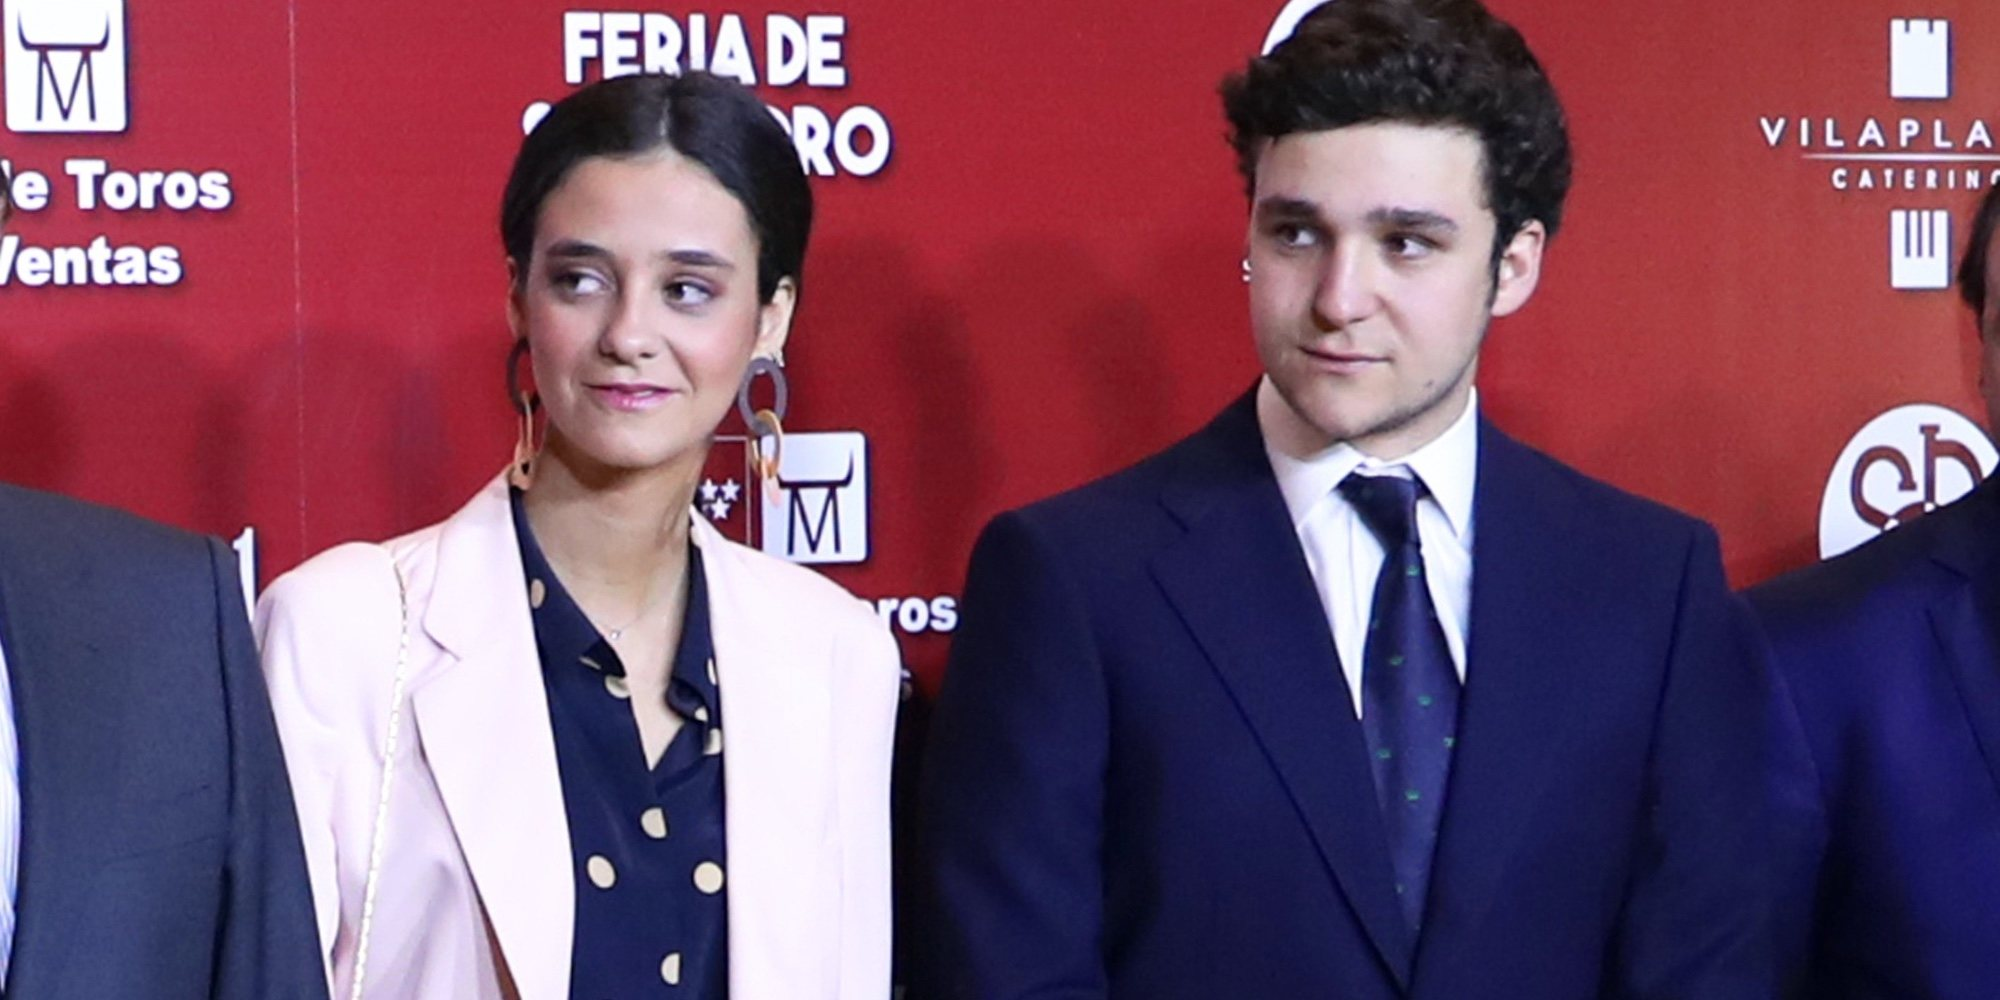 Froilán y Victoria Federica se saltan las restricciones para viajar a Marbella en Semana Santa